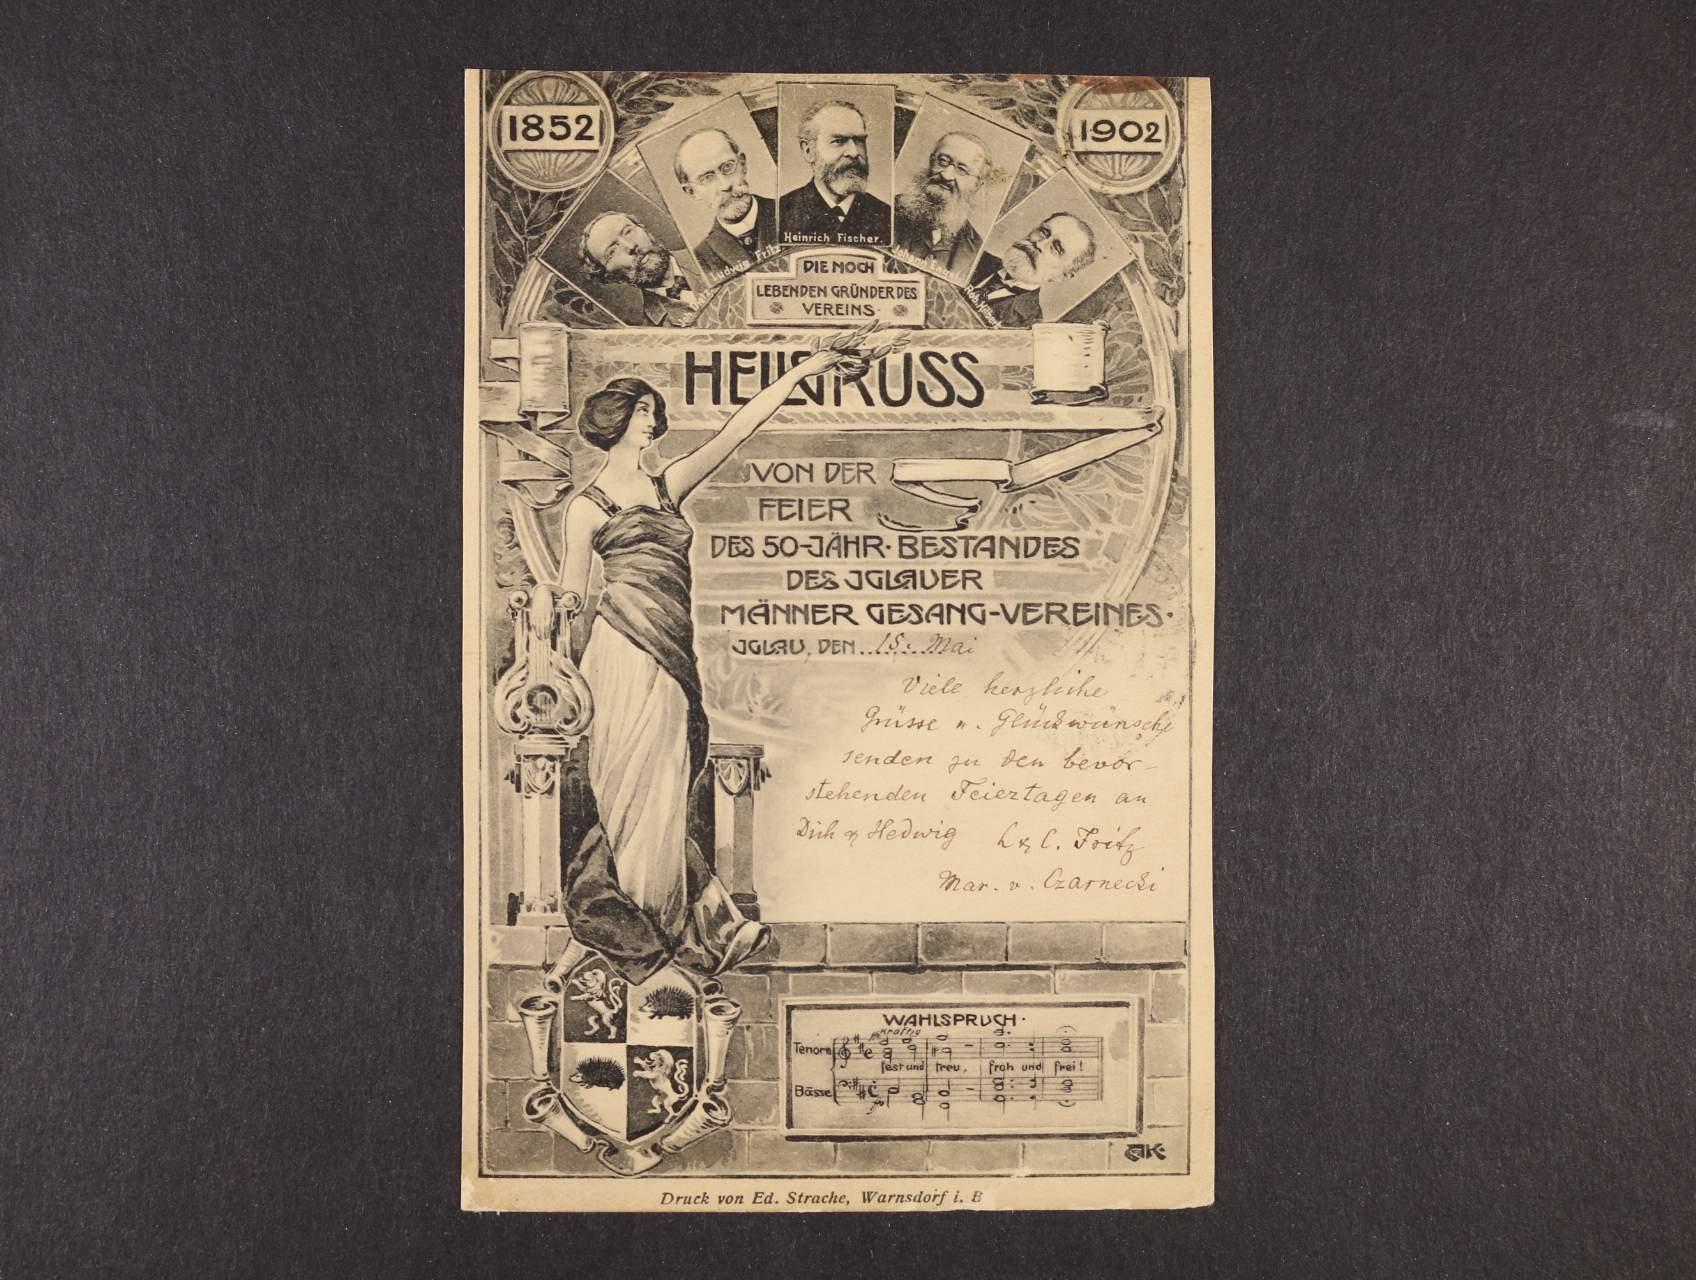 Jihlava - pozdrav z oslav 50tého výročí Jihlavského mužského pěveckého sporu - jednobar. litograf. koláž, použitá 1902, dobrá kvalita